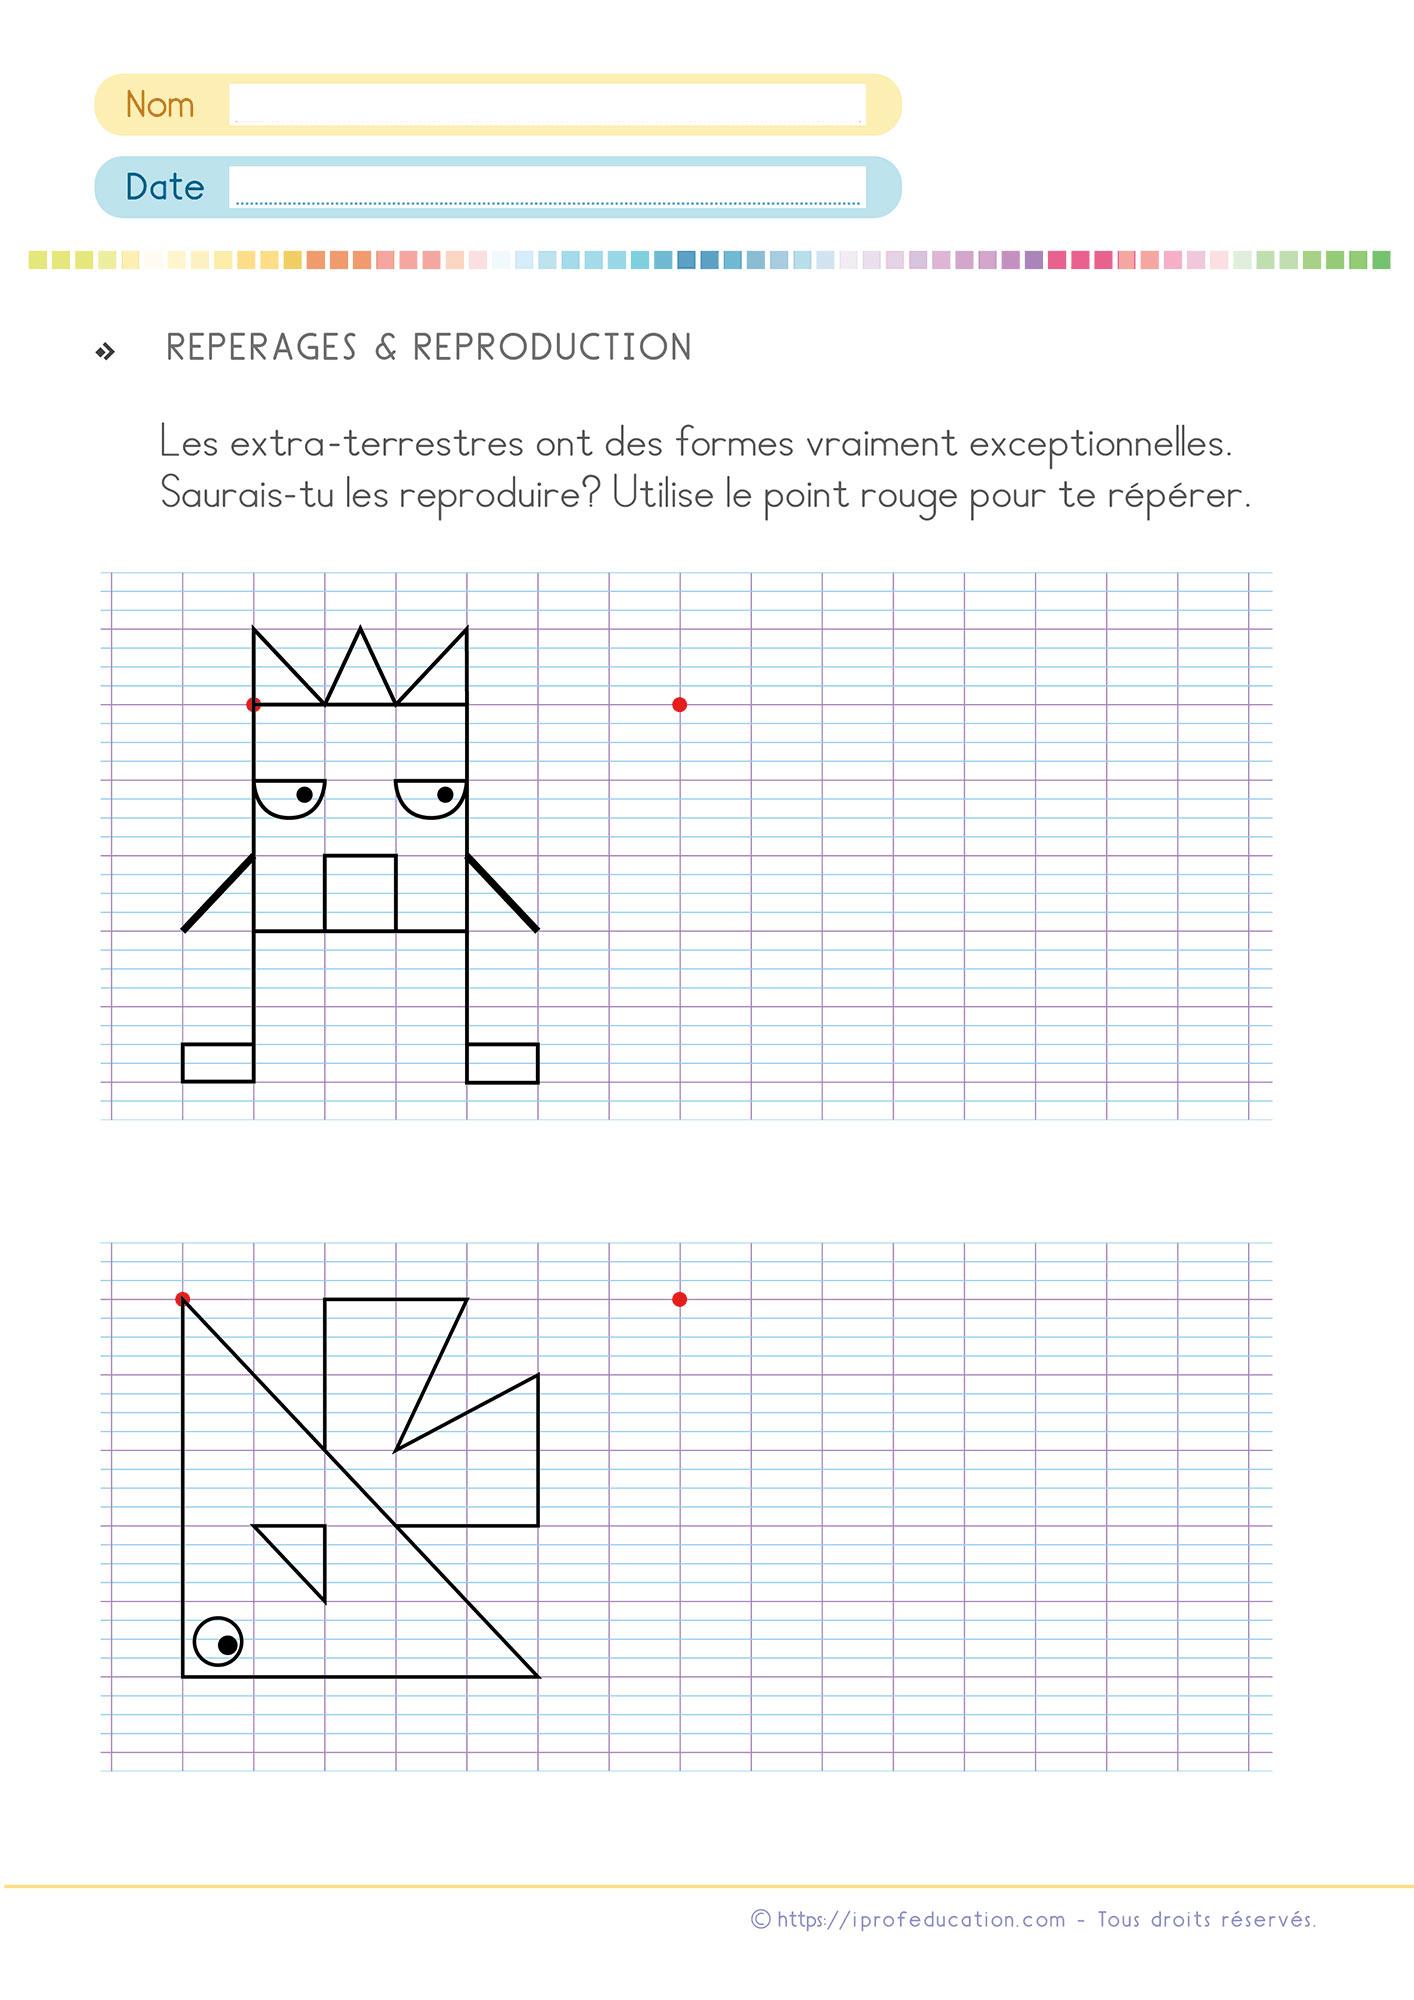 Exercices De Math Cp Ce1 | Pdf Fiches De Mathématiques Cp Ce1 serapportantà Exercice Reproduction Sur Quadrillage Ce1